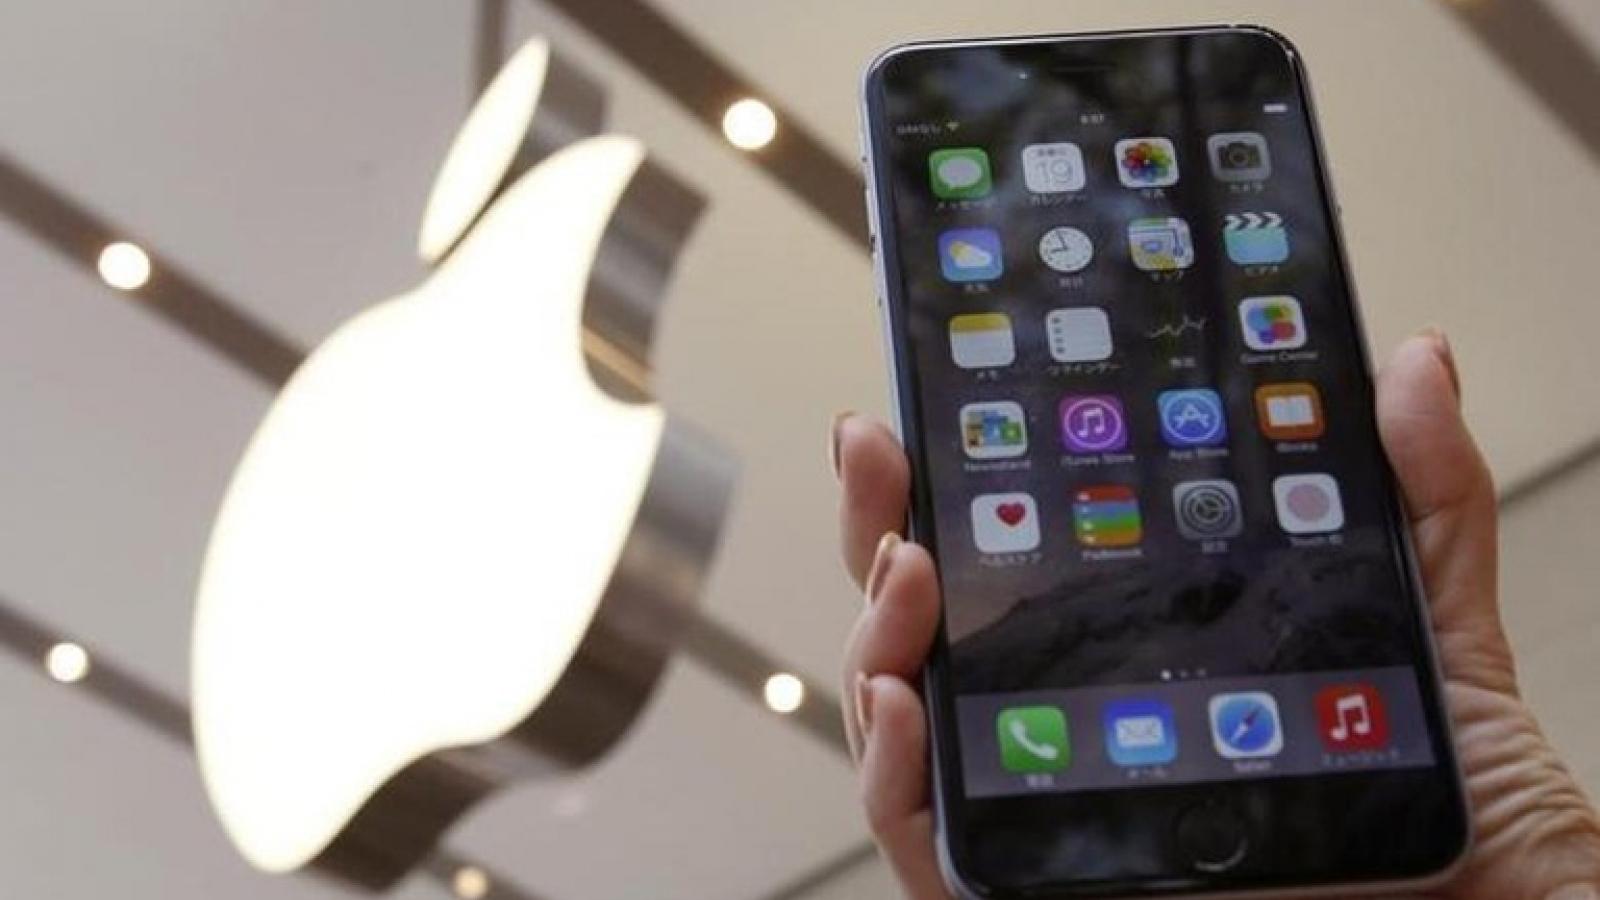 Apple bị kiện vì iPhone 6 phát nổ gây thương tích